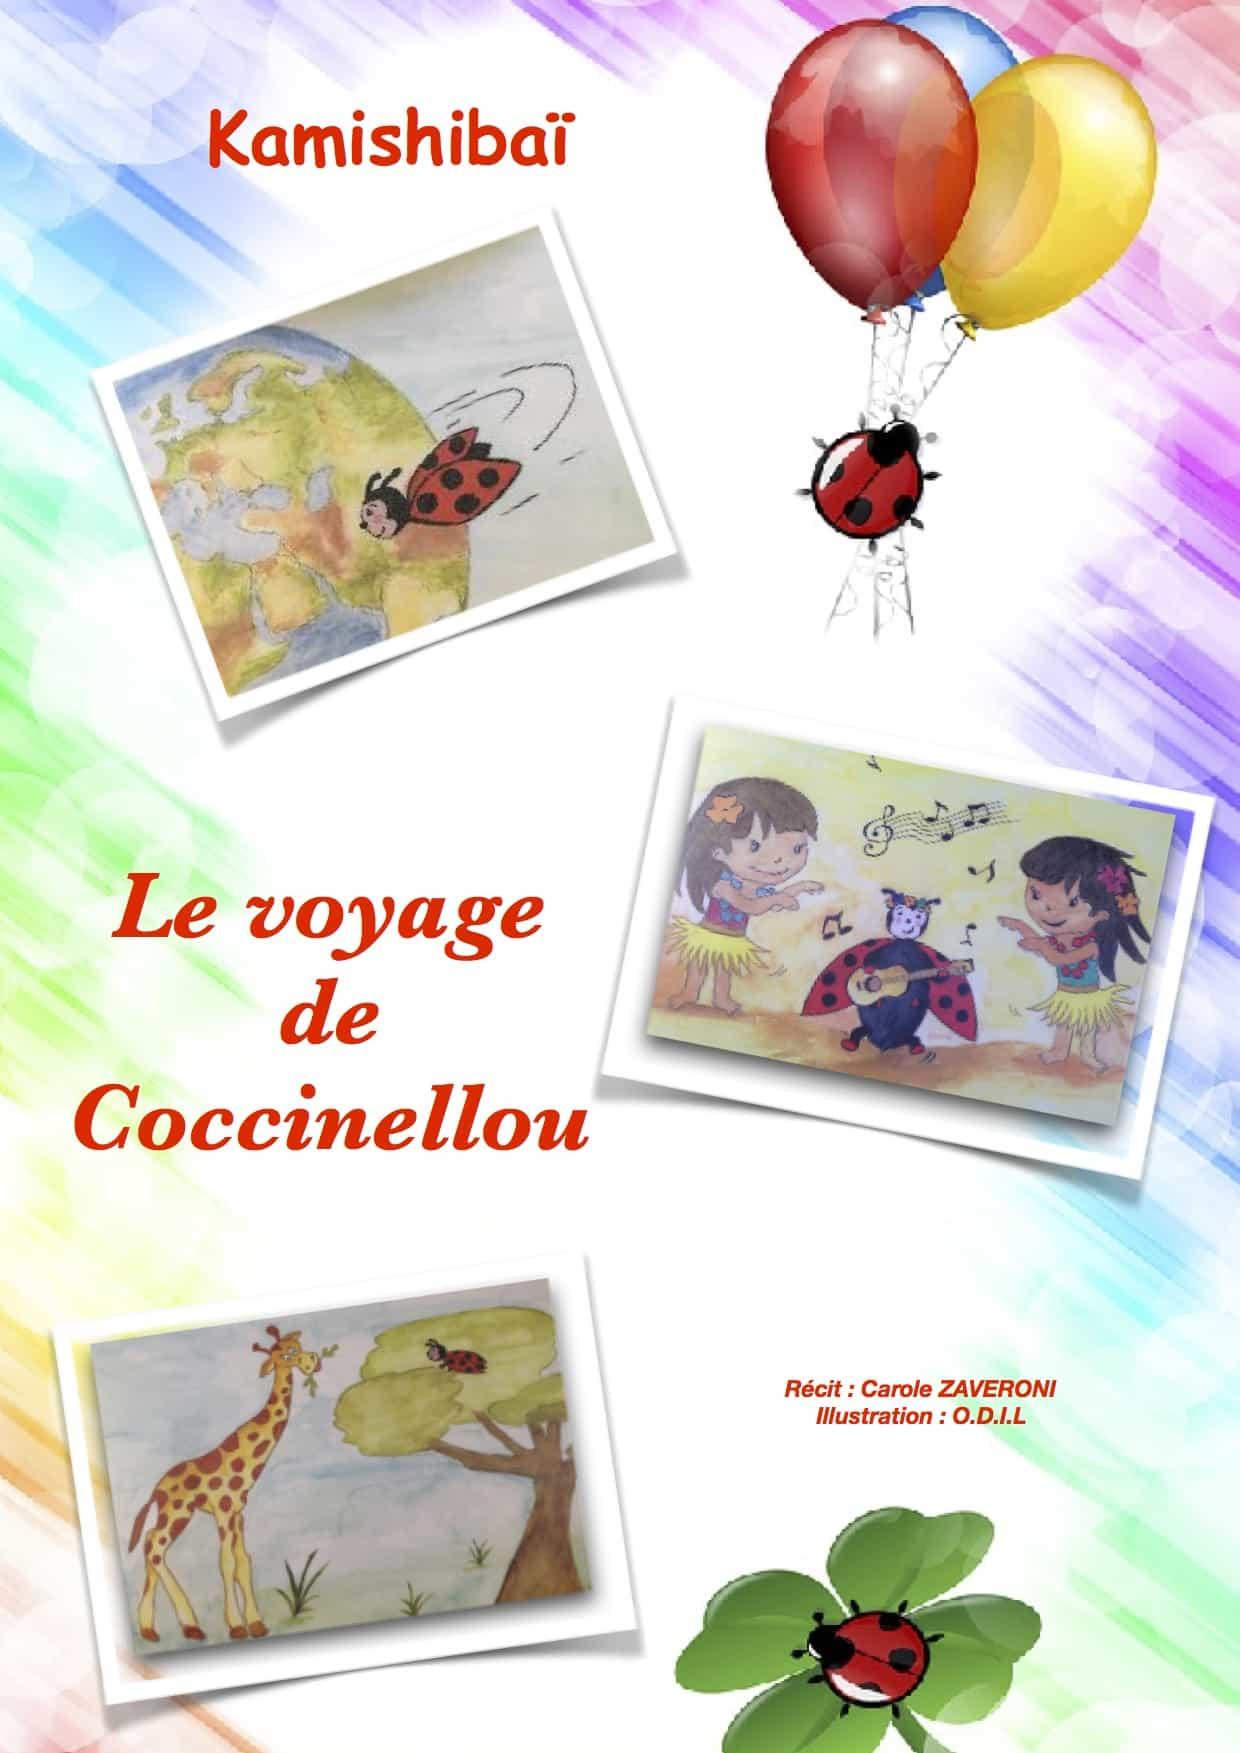 Le voyage de Coccinellou - Les Pipelettes - L'Art Dû - Theatre Marseille - 13006